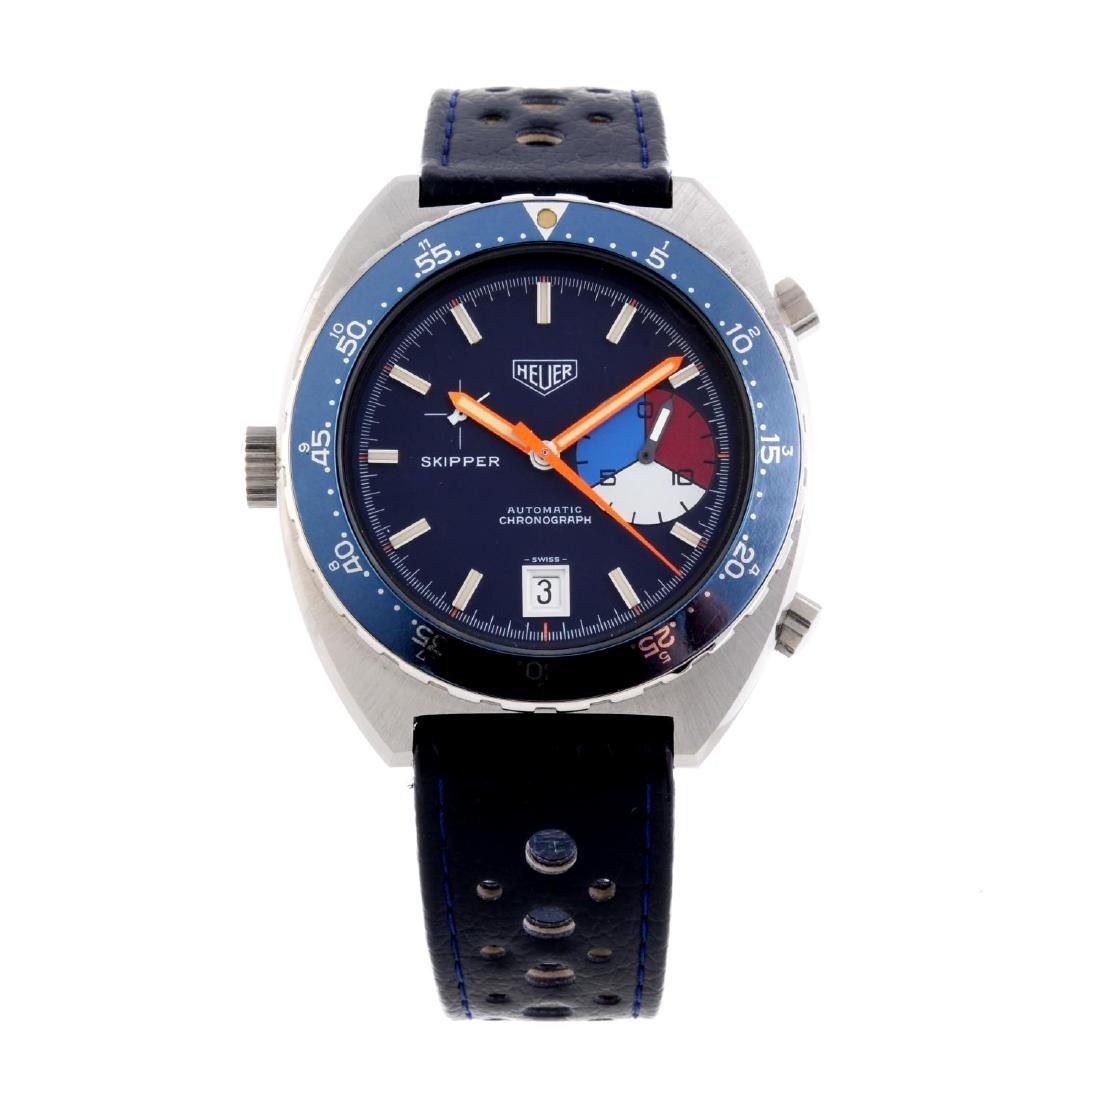 HEUER - a gentleman's Skipper chronograph wrist watch.